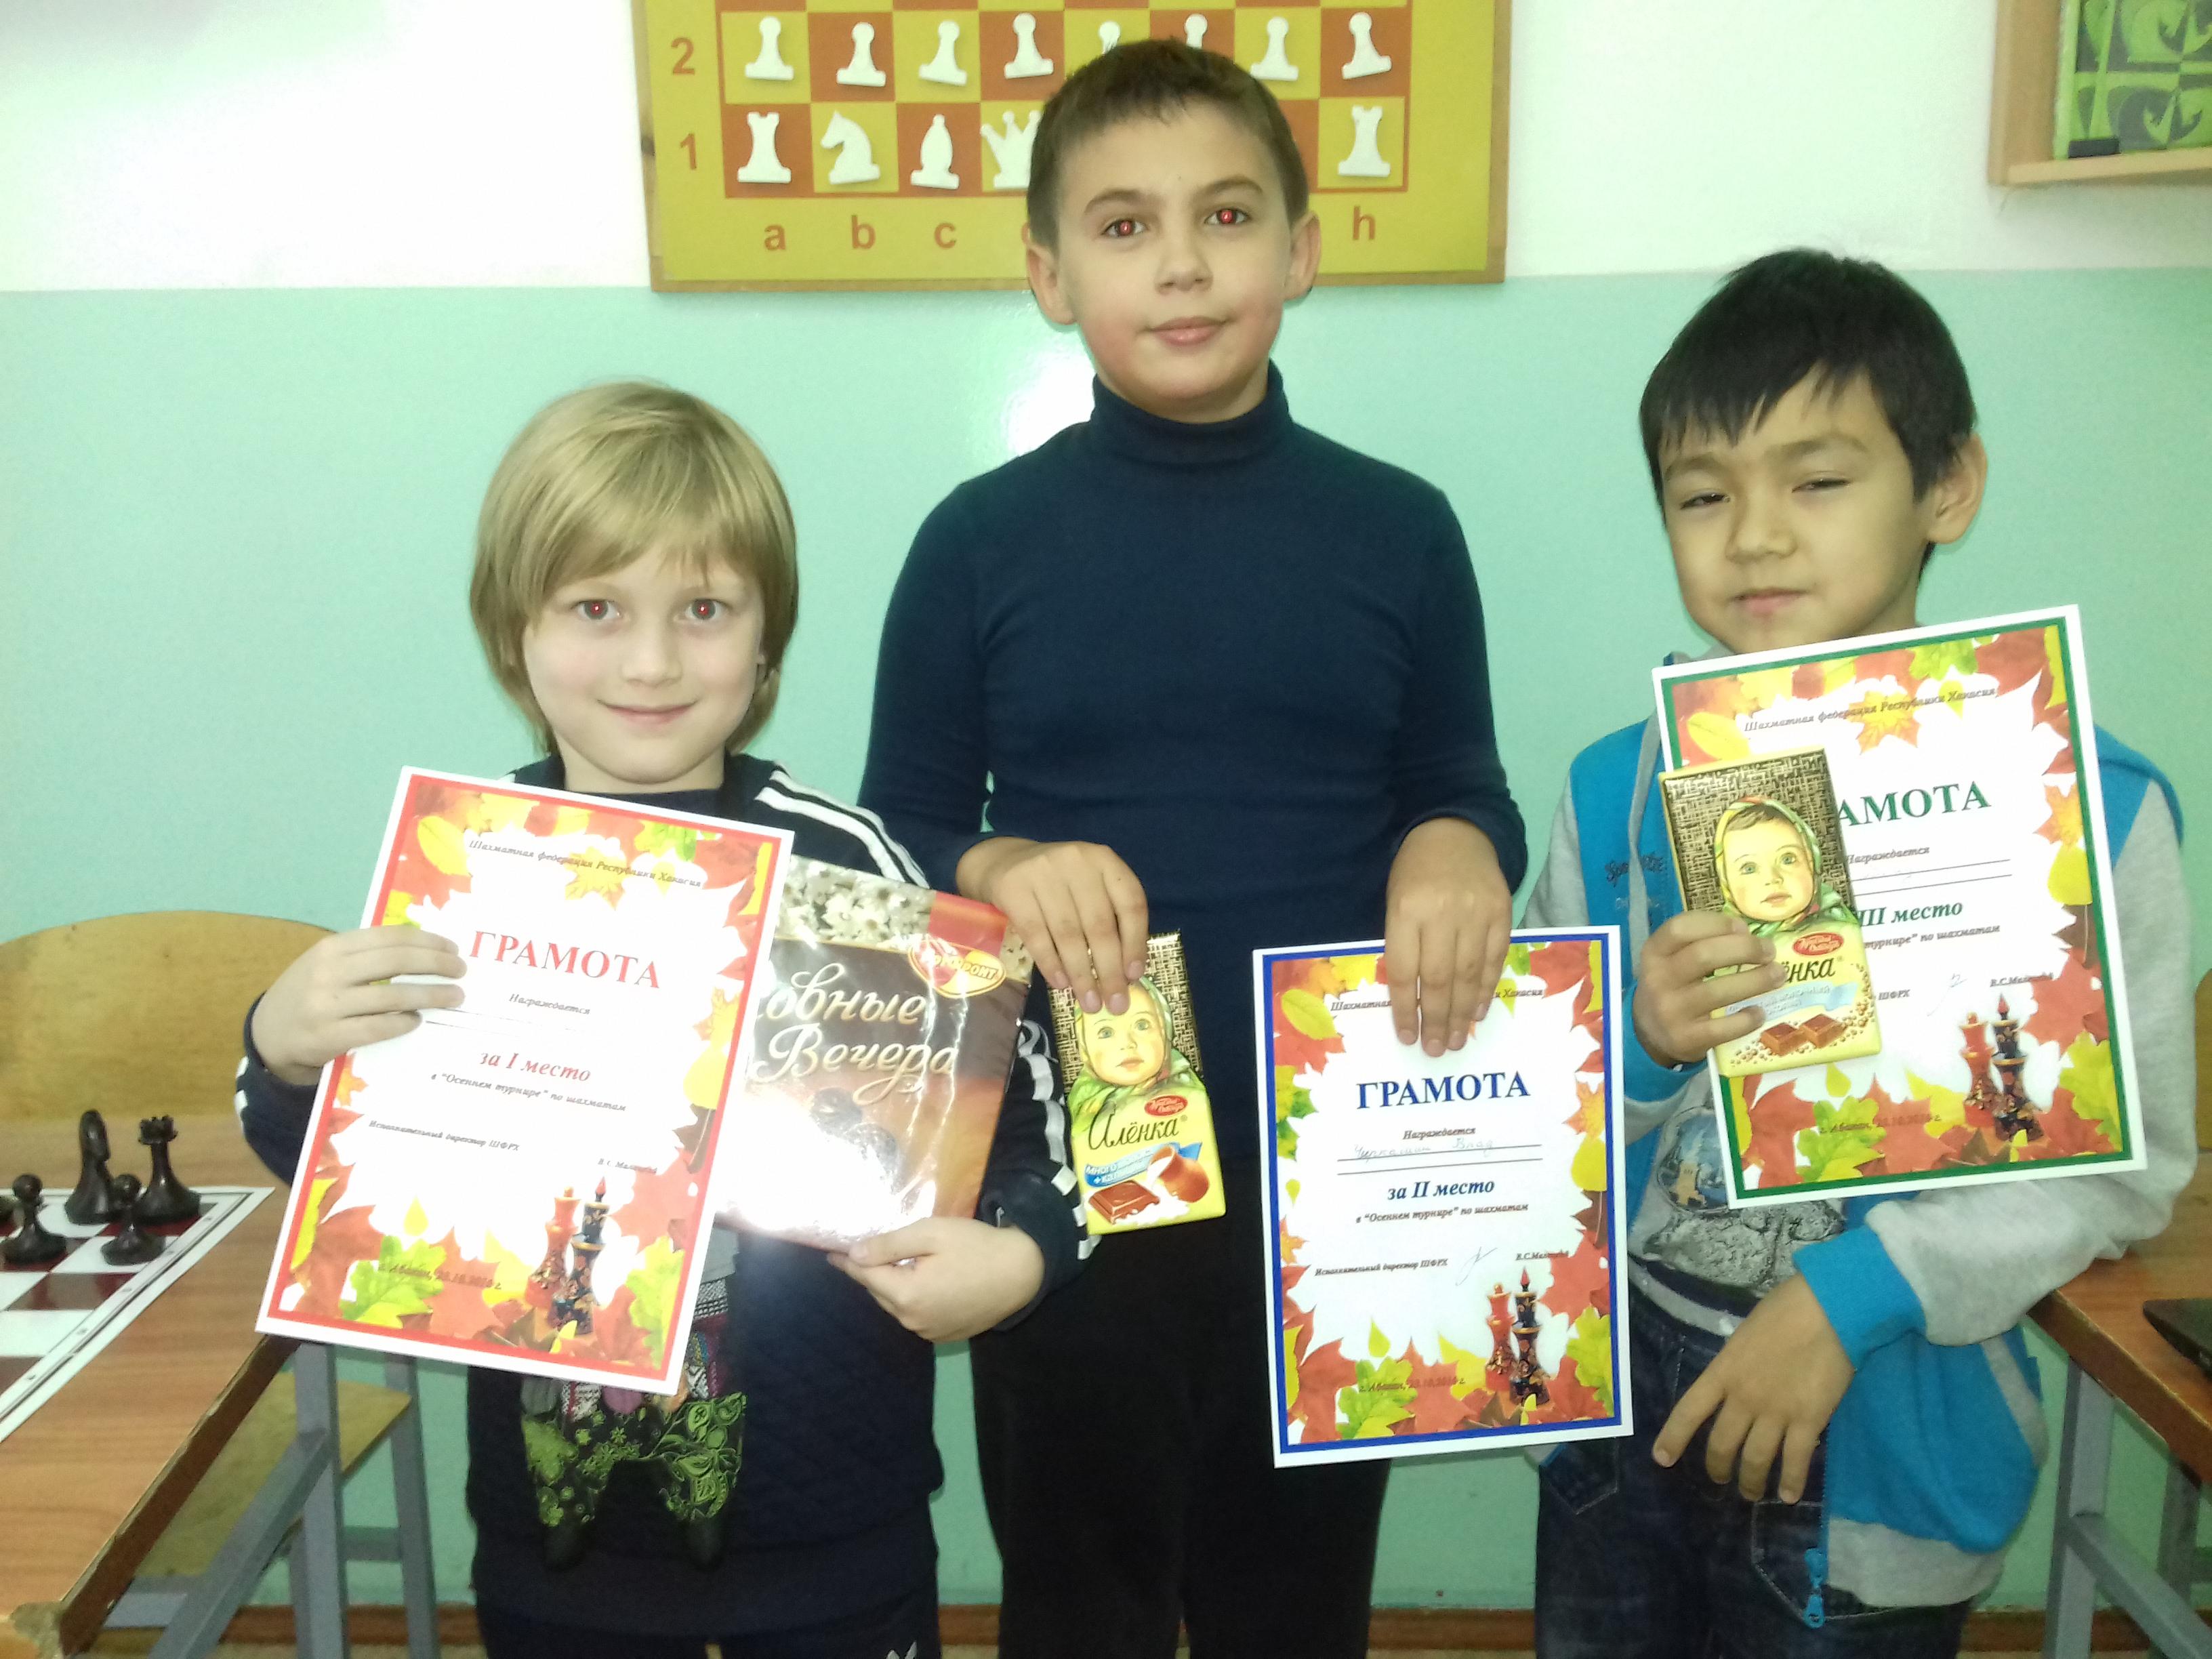 Призёры группы В: слева направо Глеб Дмитриев-победитель, Влад Черкашин-2 призёр, Влад Цой-3 призёр.